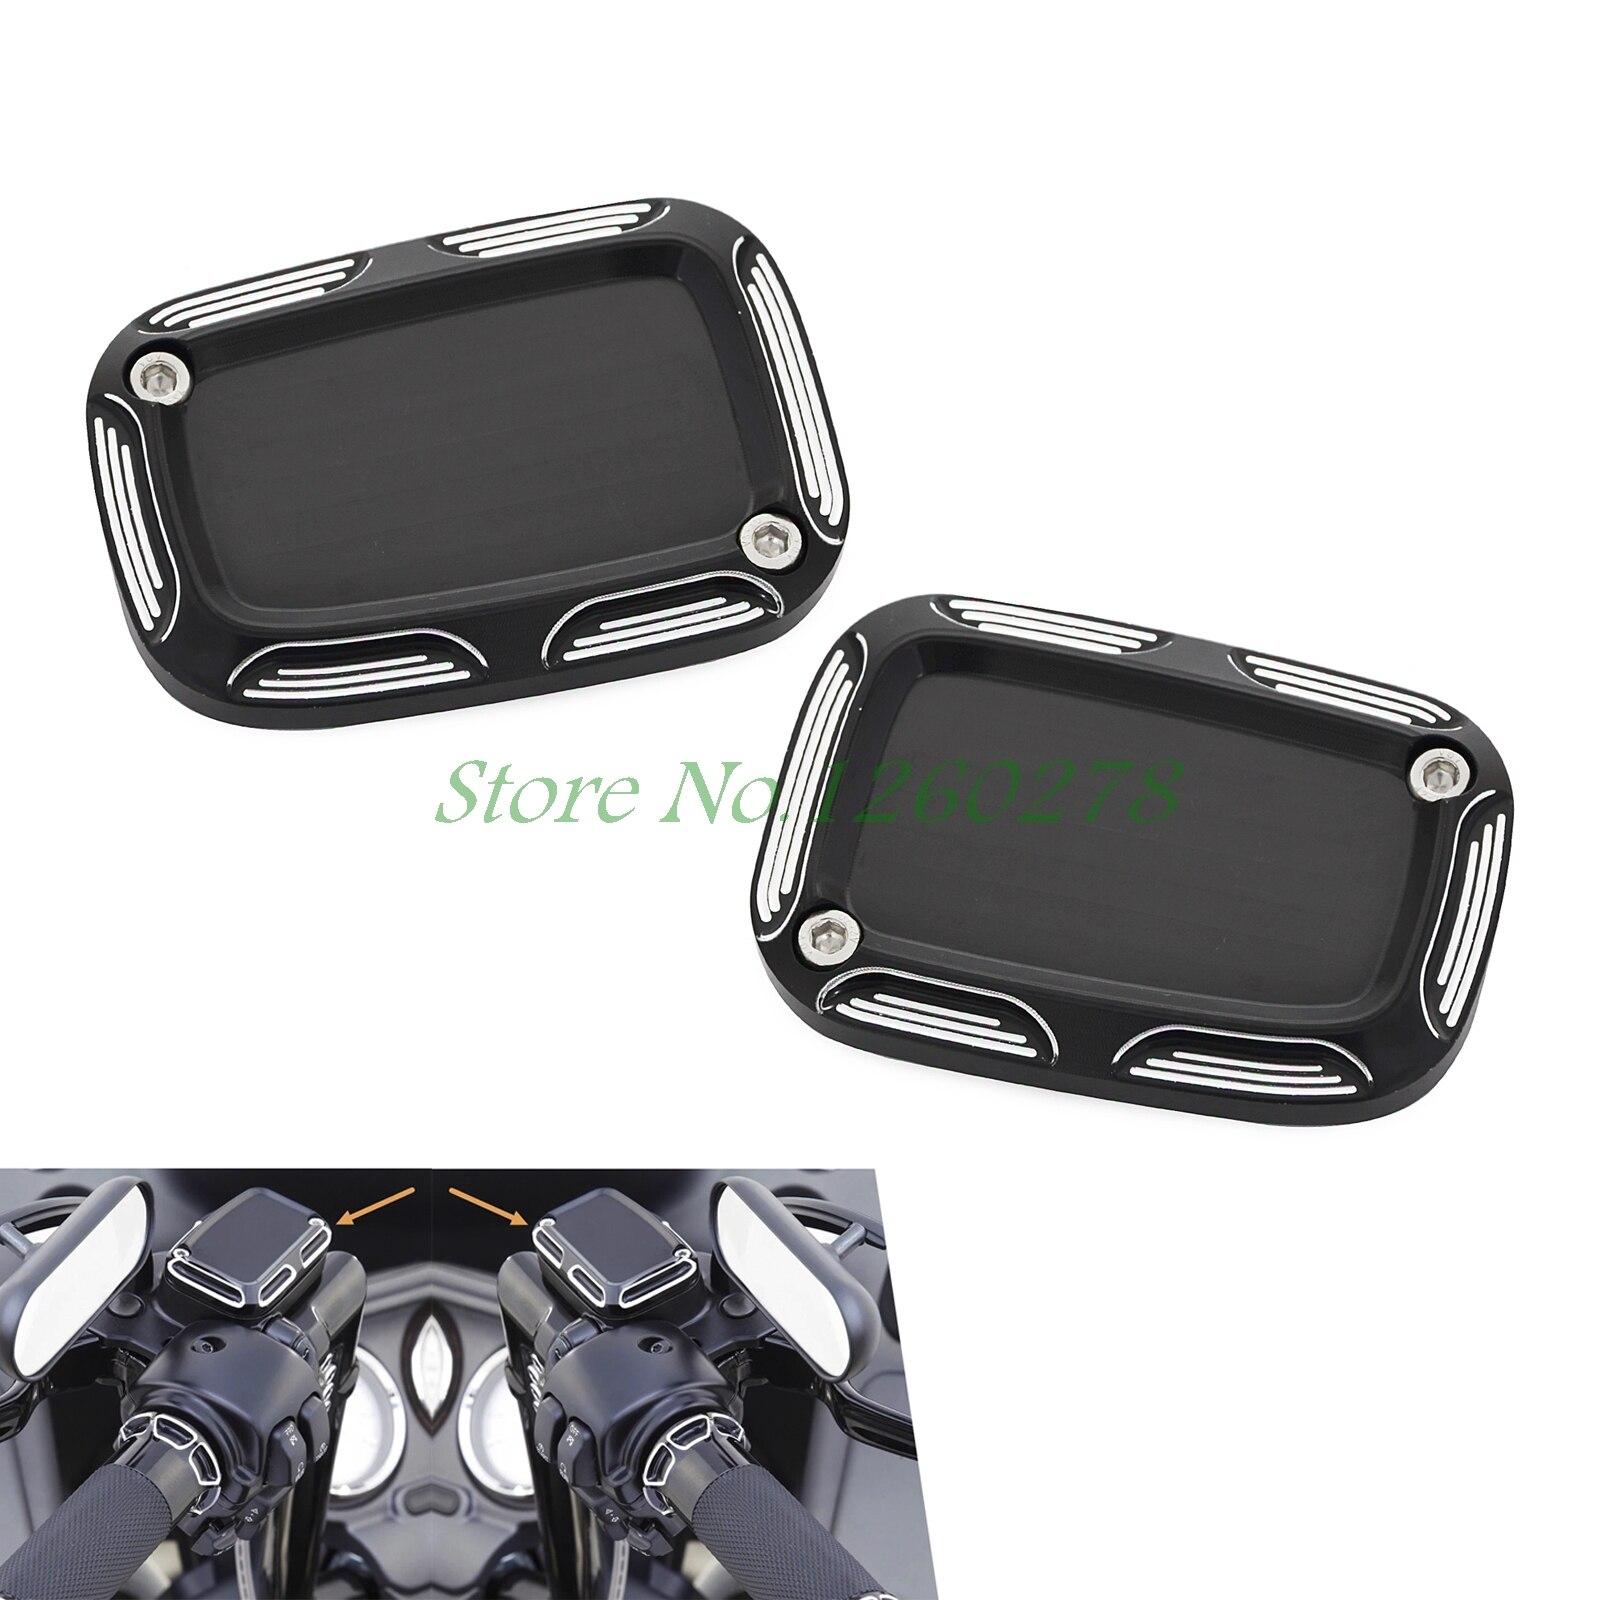 Edge Cut Front Brake Clutch Master Cylinder Cover For Harley Night Rod Special V Rod Muscle VRSCF VRSCDX 2010-2017